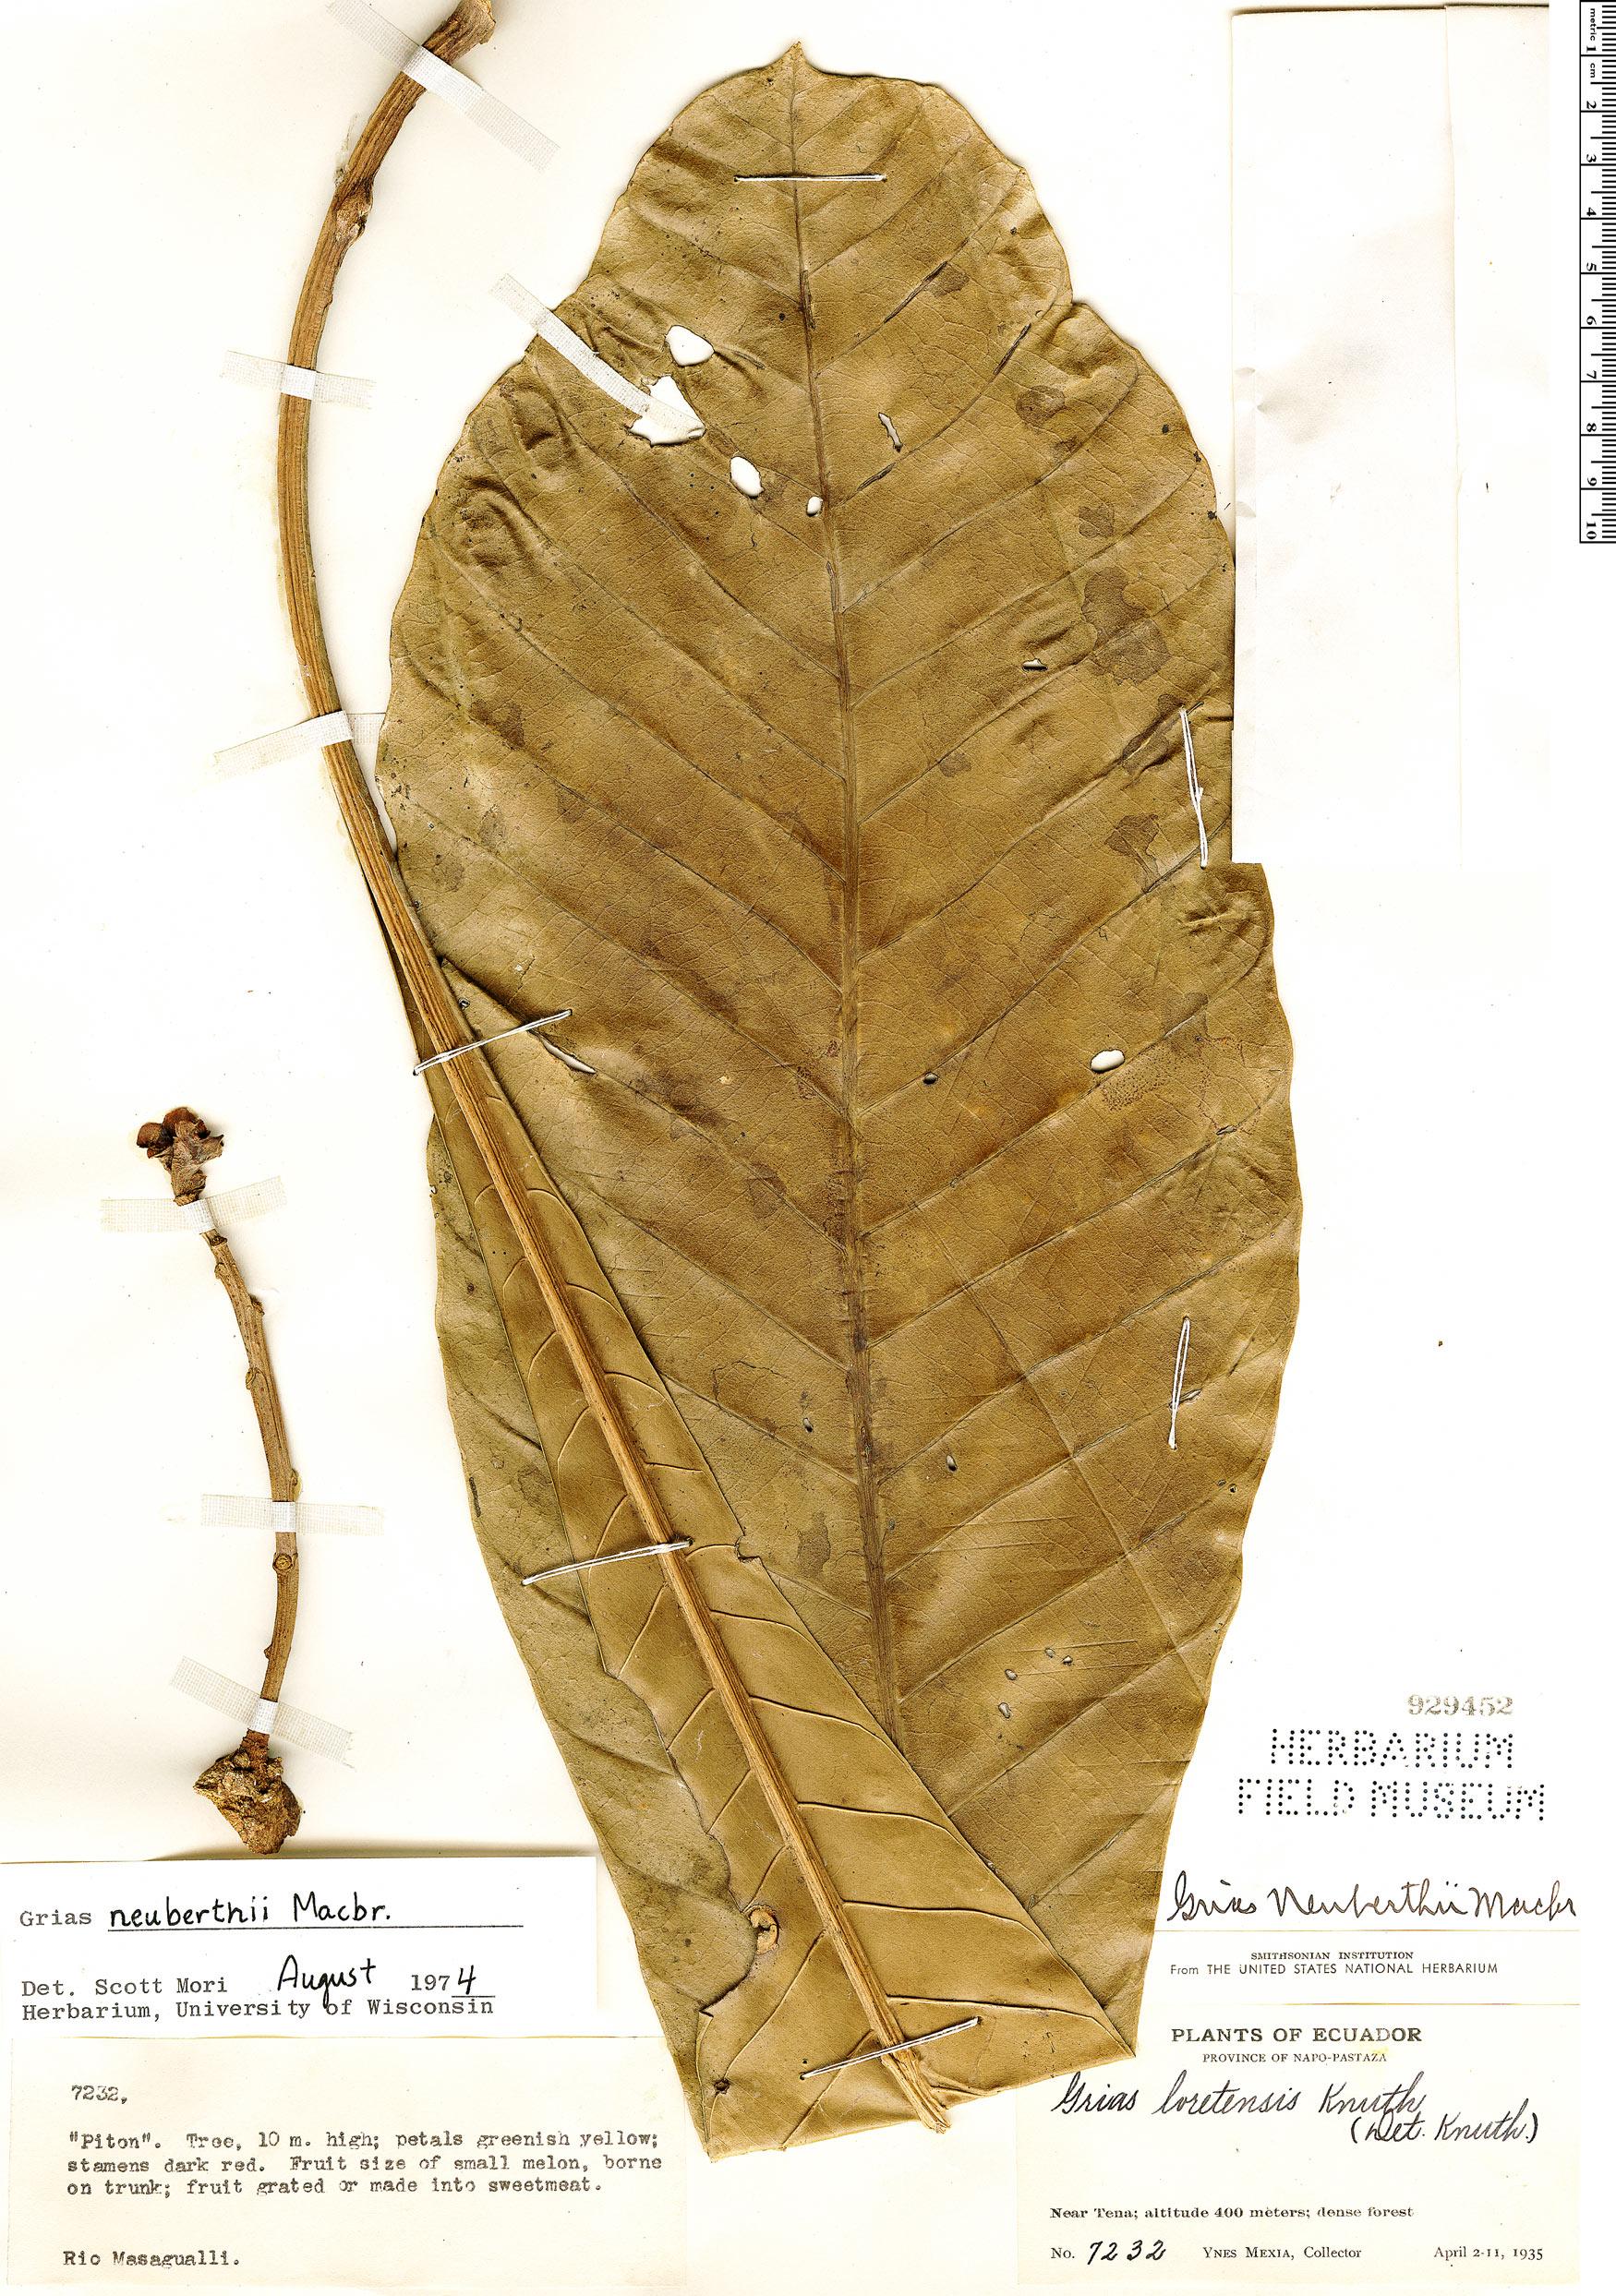 Espécimen: Grias neuberthii